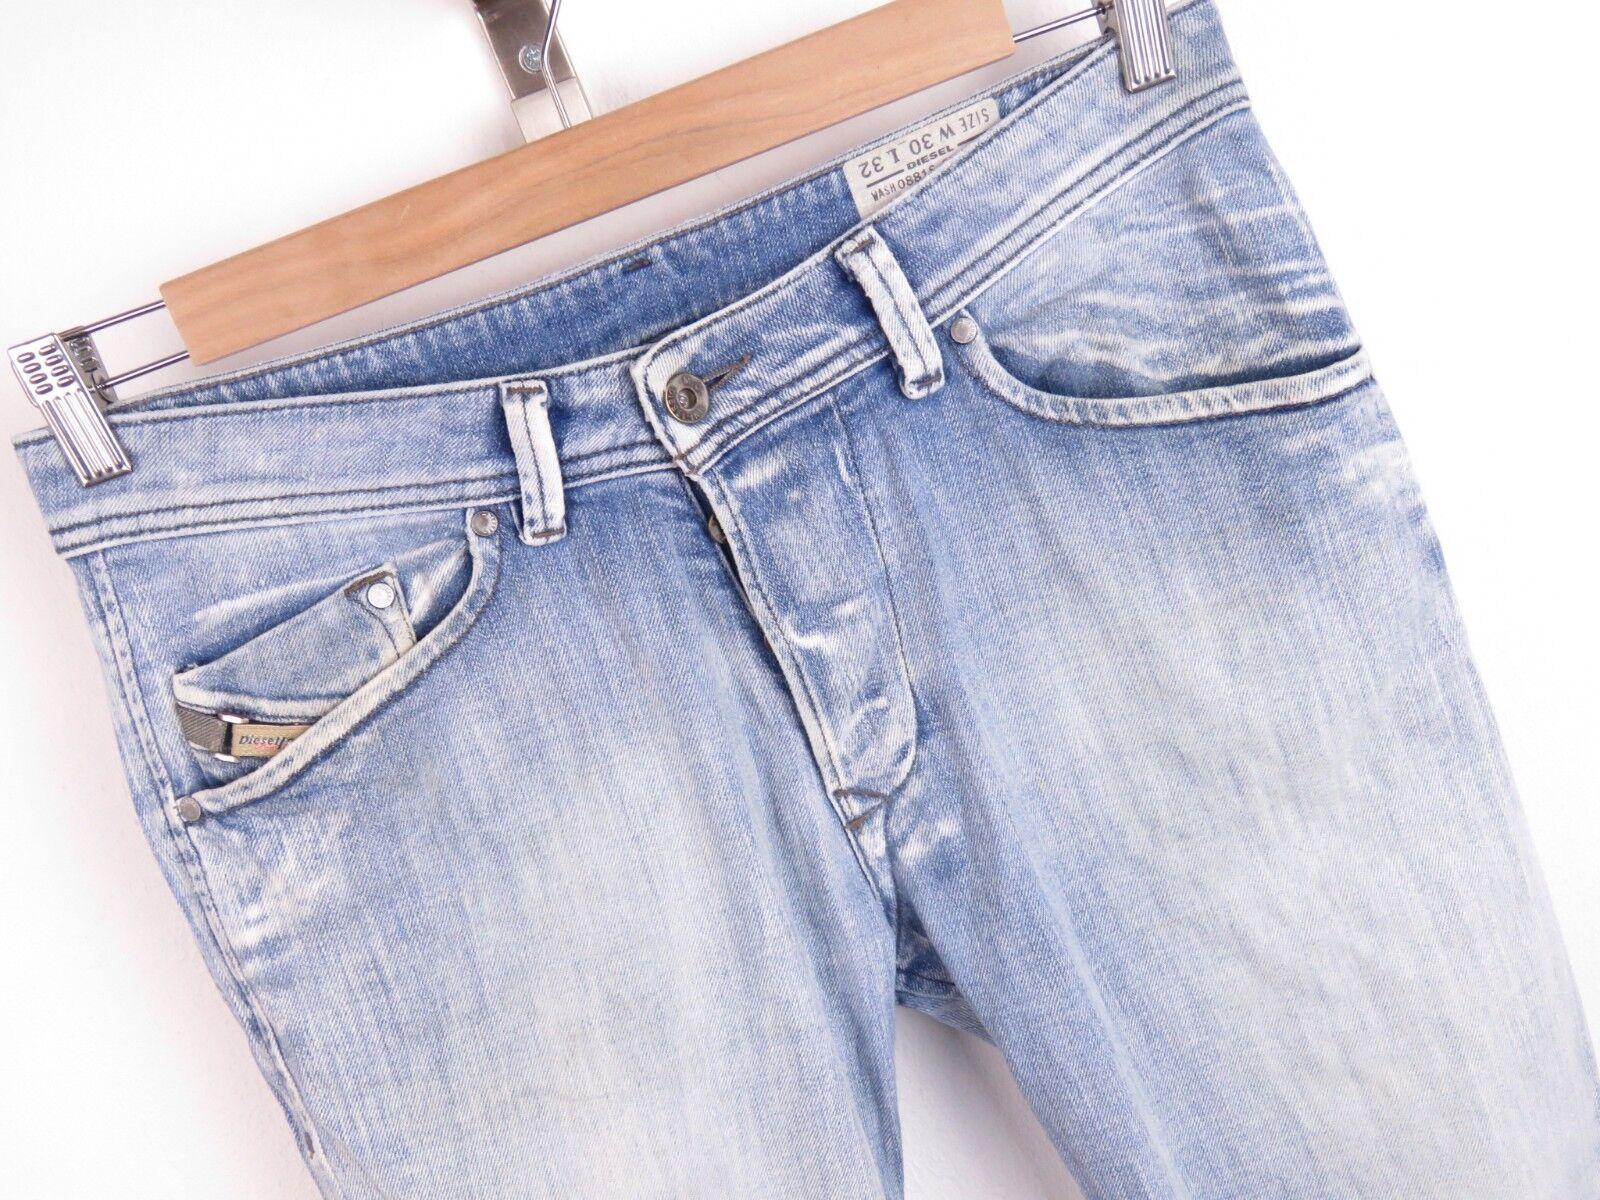 B87 DIESEL JEANS PANTS ORIGINAL DARRON REGULAR SLIM TAPERED STRETCH size W30L32